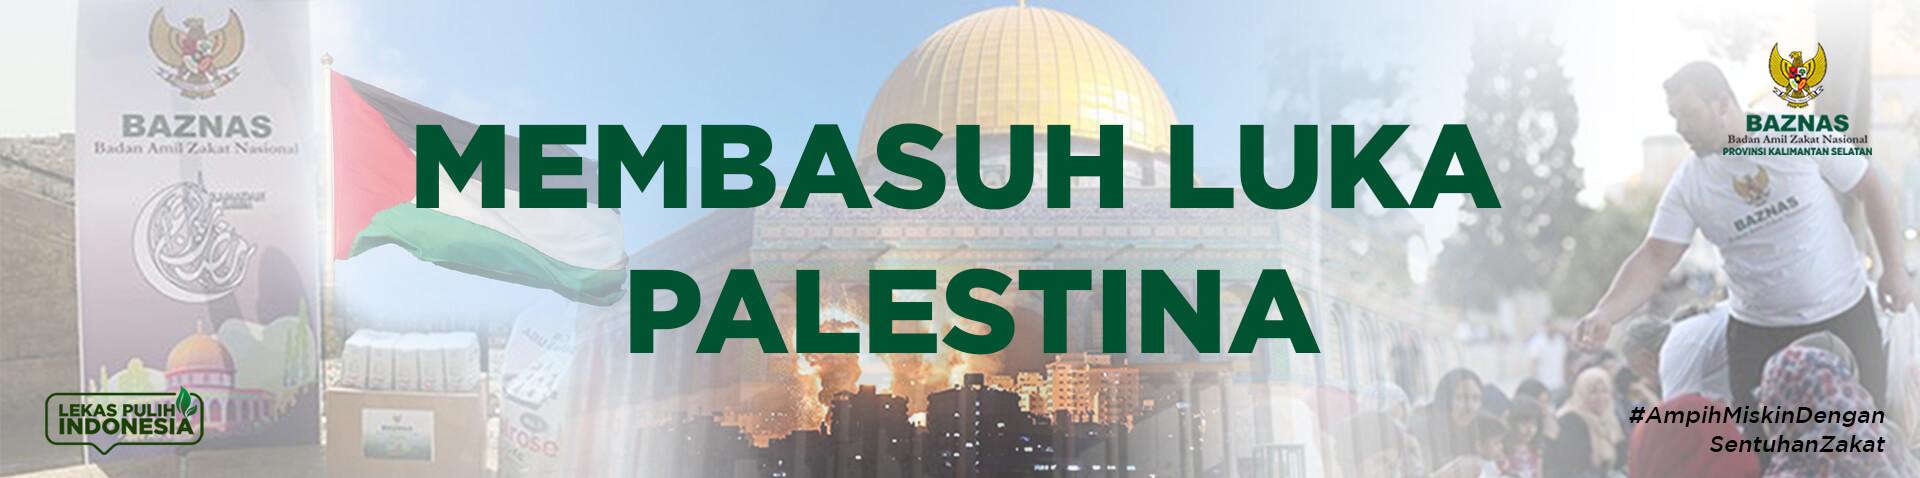 Donasi_Palestina